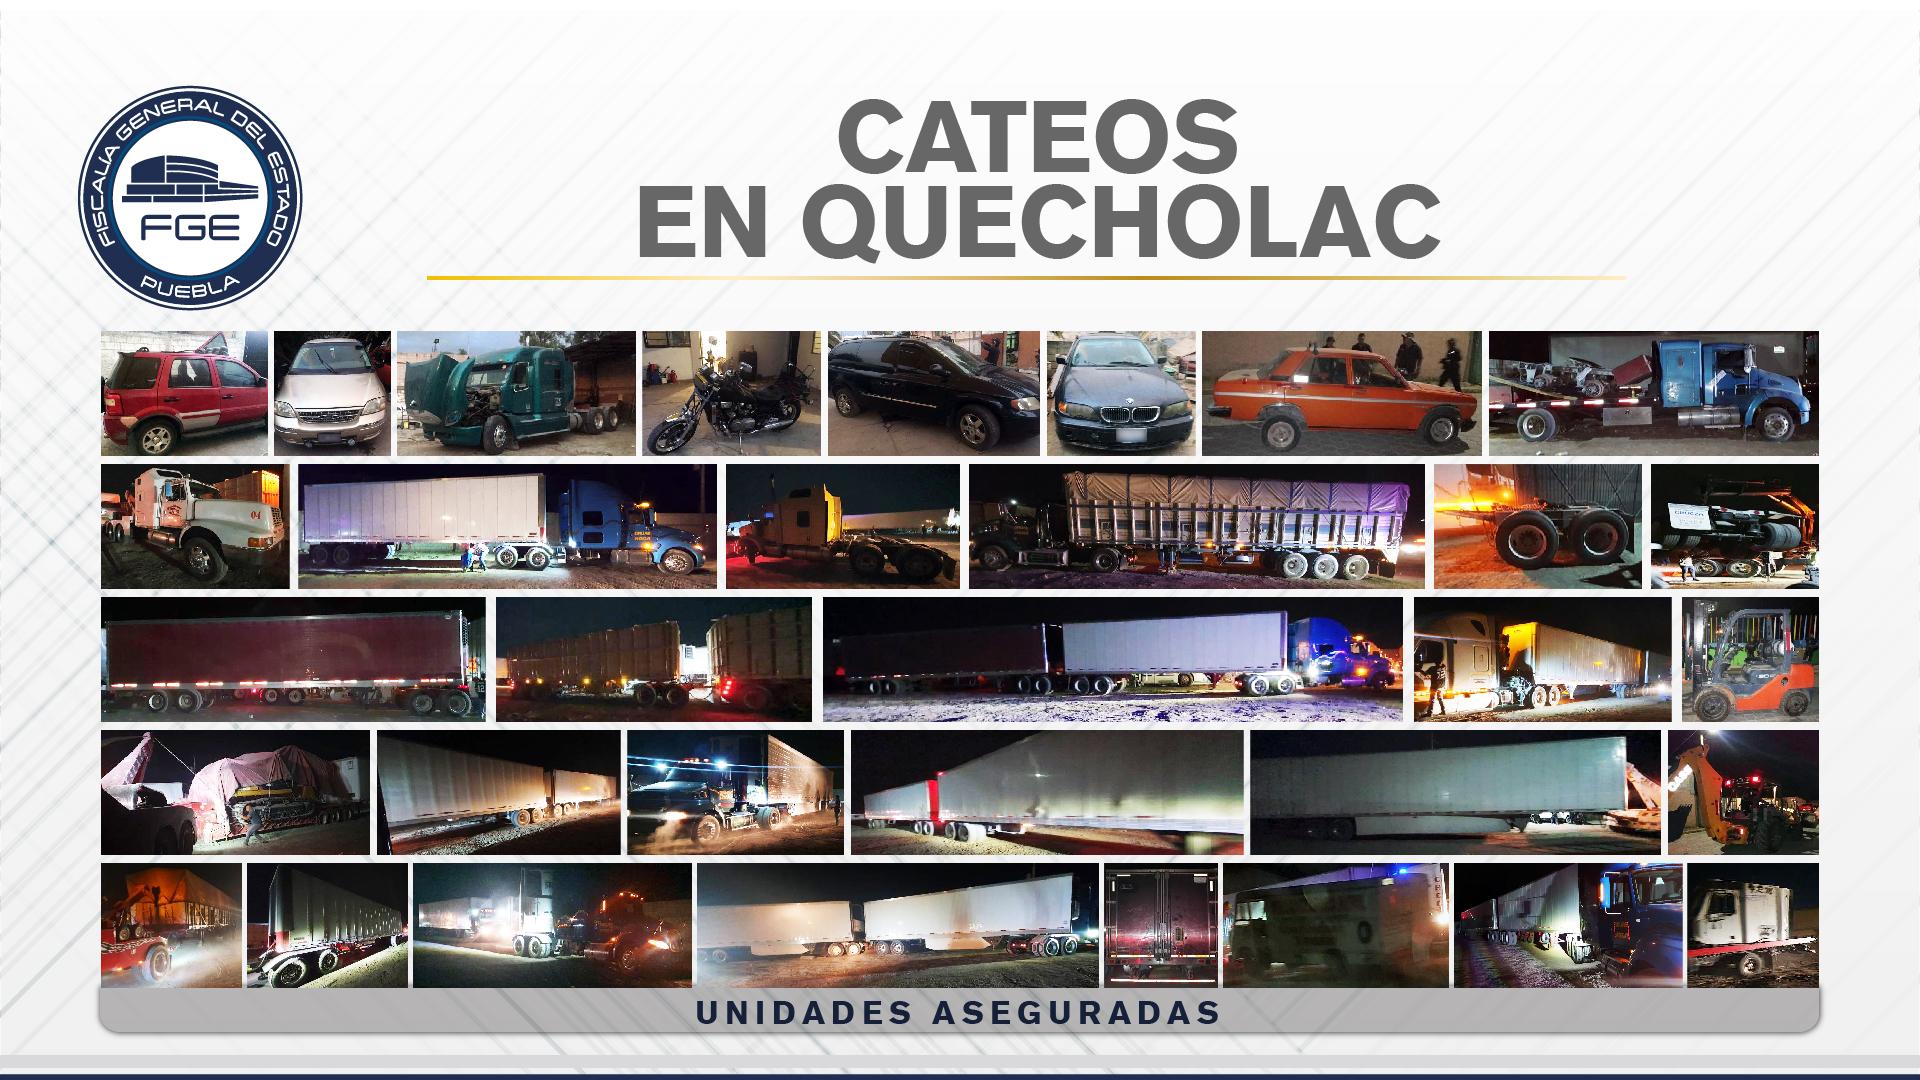 En cateos de Quecholac, Fiscalía Puebla encontró unidades robadas y mercancía, deteniendo a tres hombres